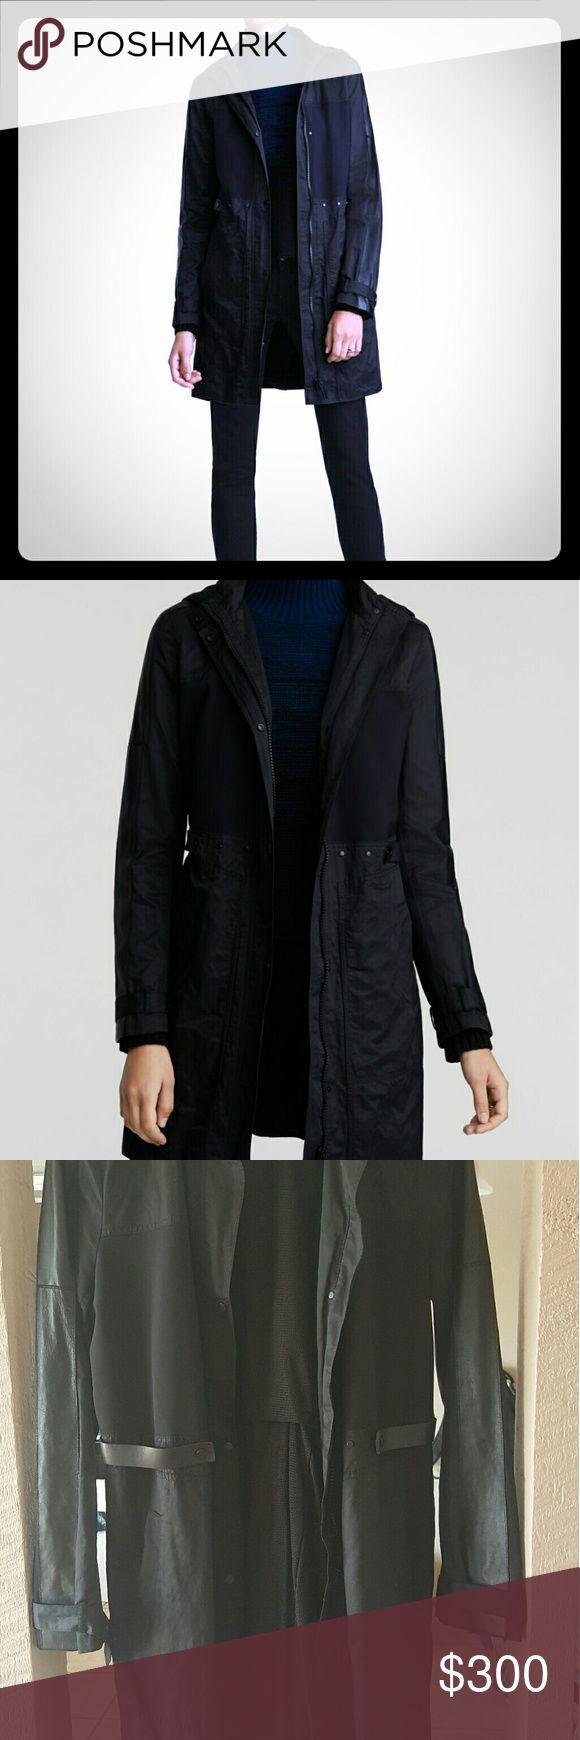 Elie Tahari Bianca Coat Women's Rain Coat Elie Tahari Jackets & Coats Trench Coats